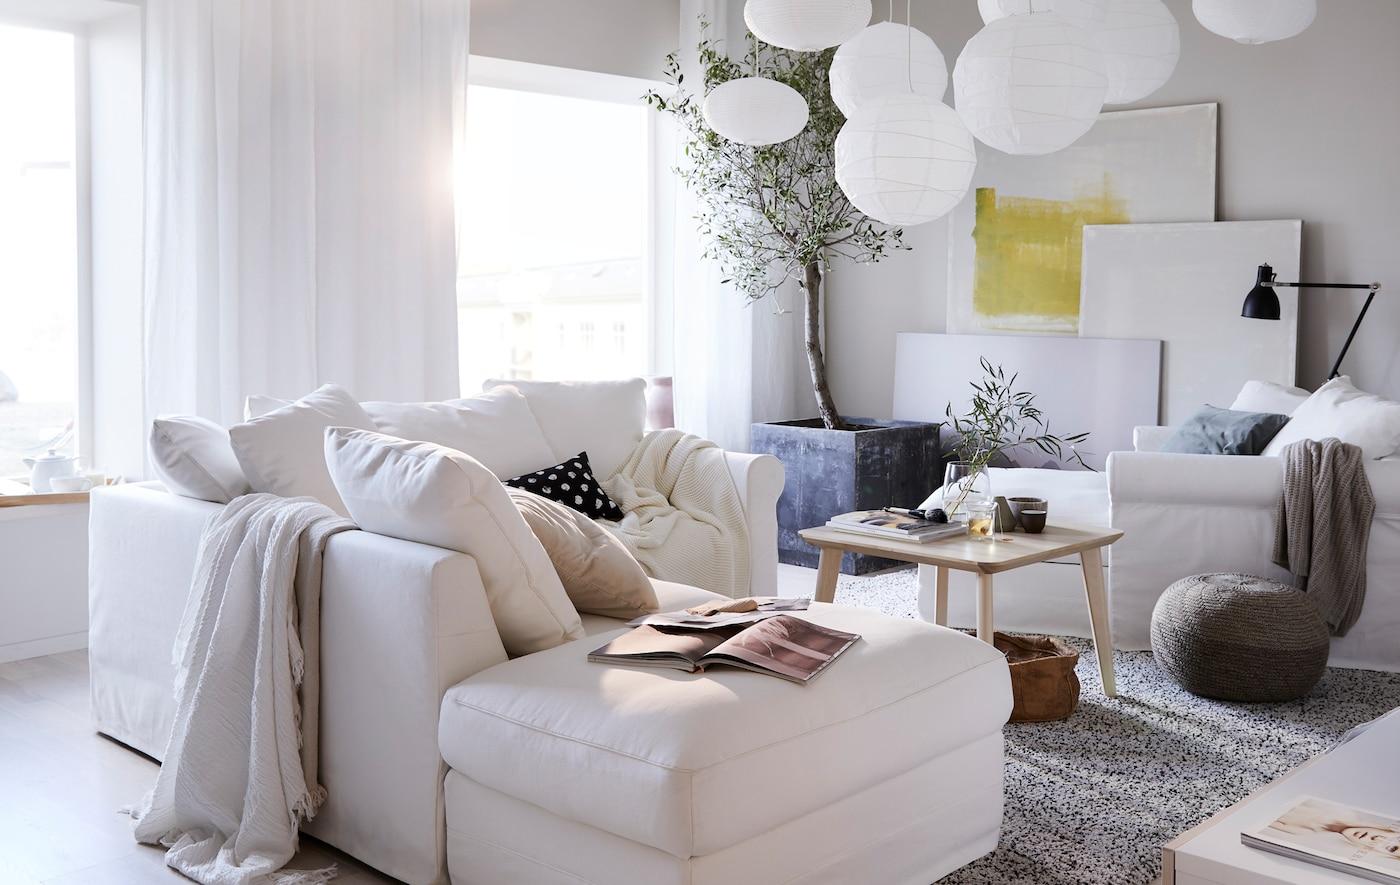 صوفا زاوية GRÖNLID 3 مقاعد من ايكيا في غرفة جلوس بها الكثير من أغطية المصابيح البيضاء المعلّقة وأعمال فنية أمام الحائط.